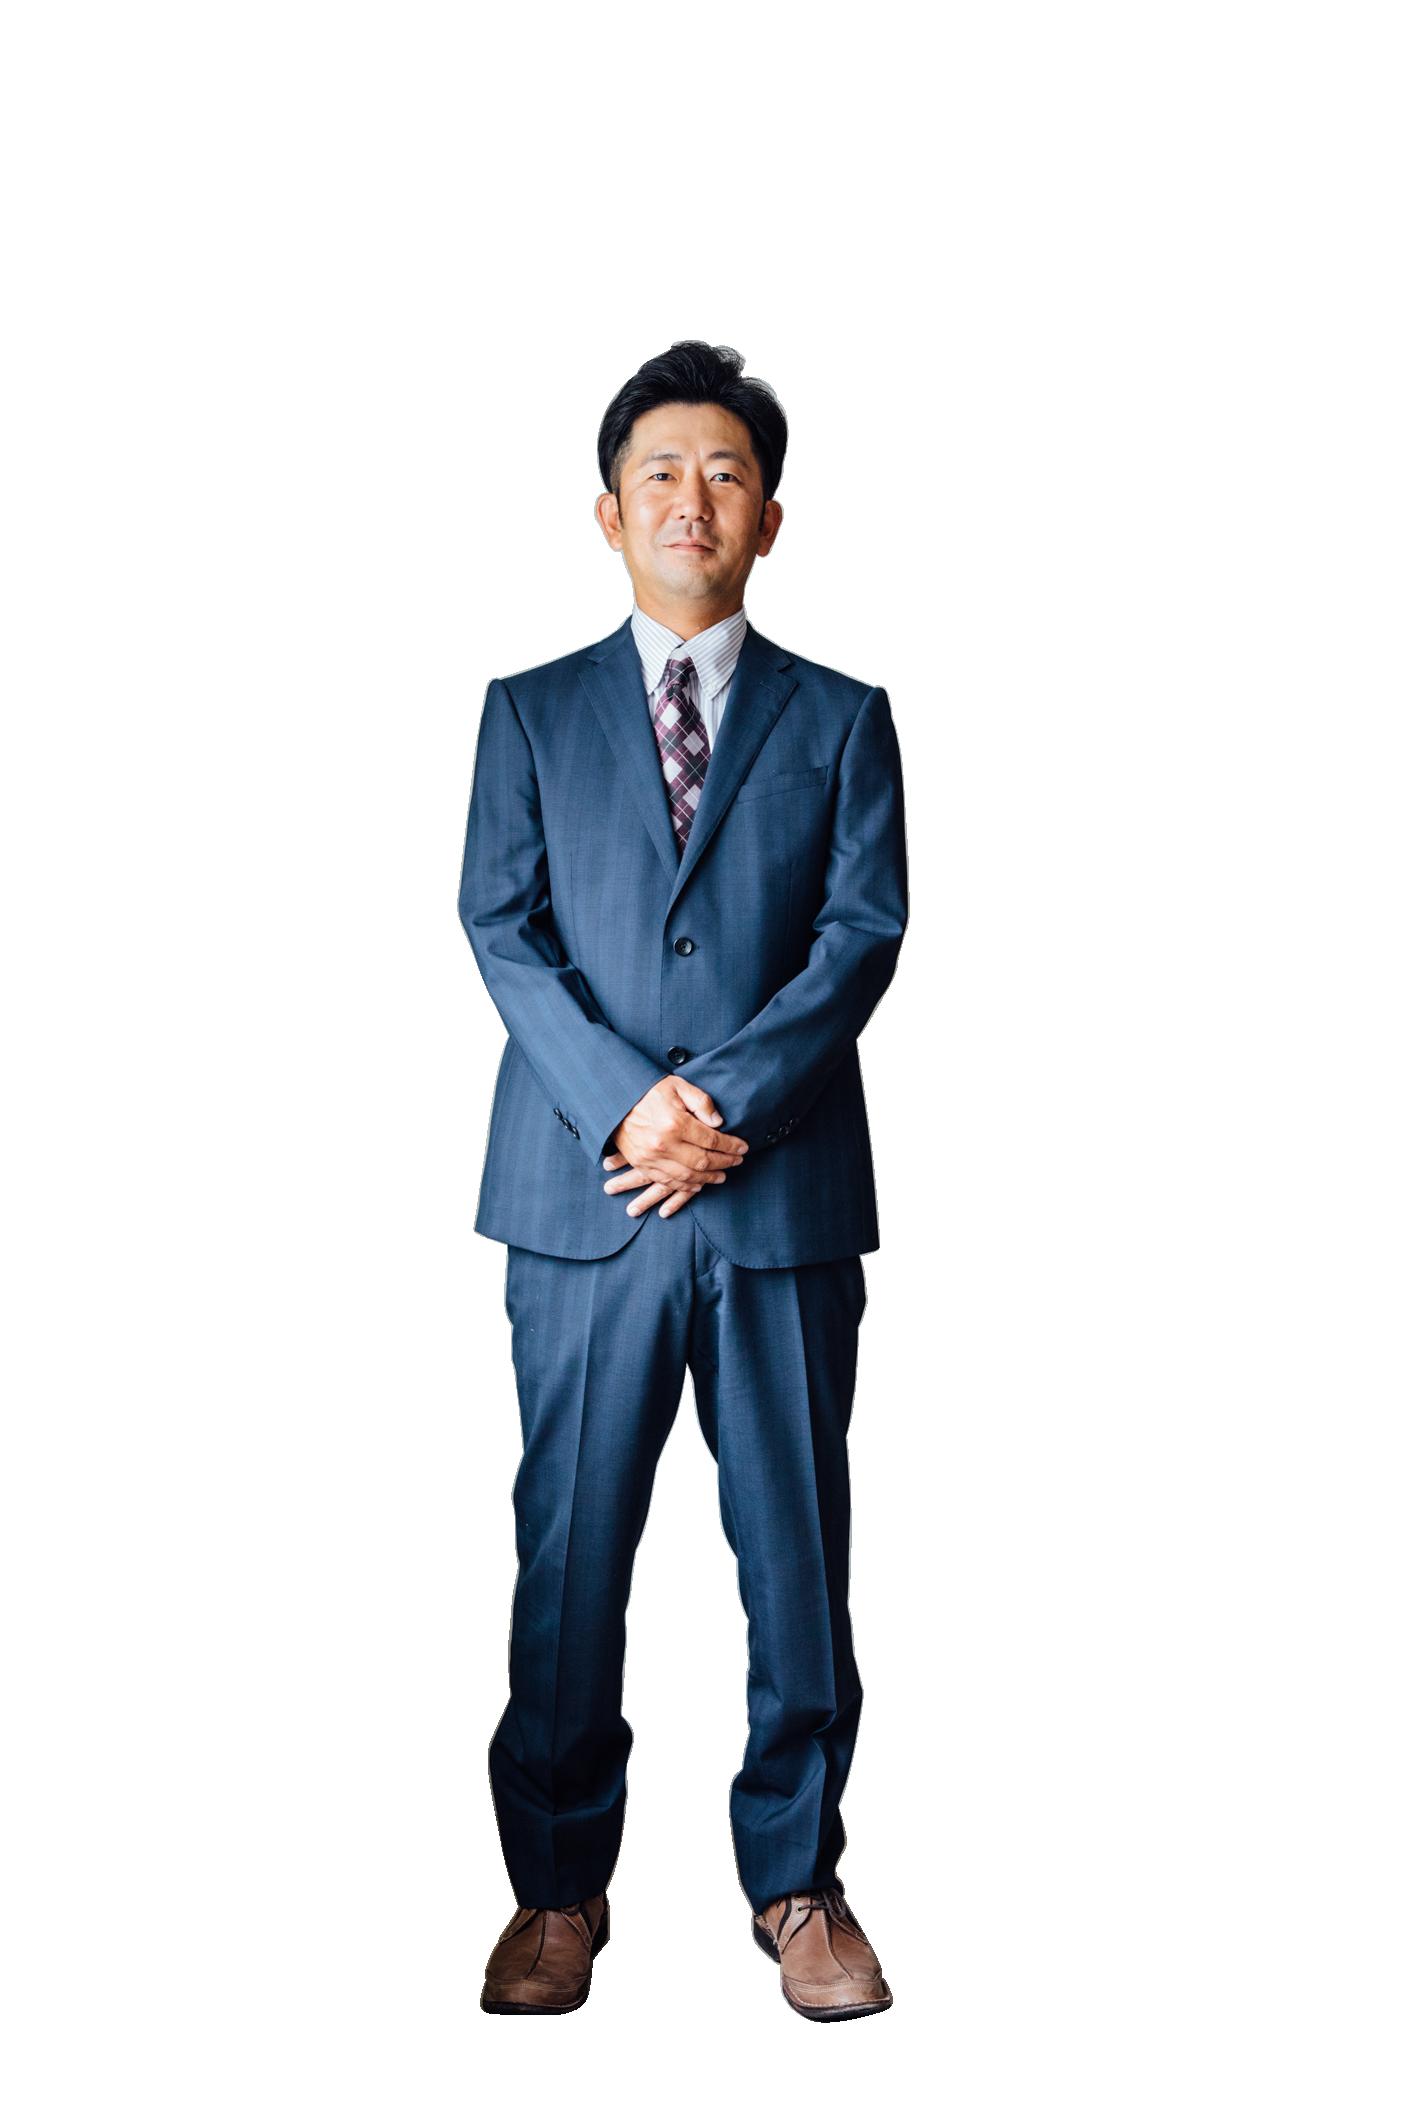 卜部 輝昭(副塾長)